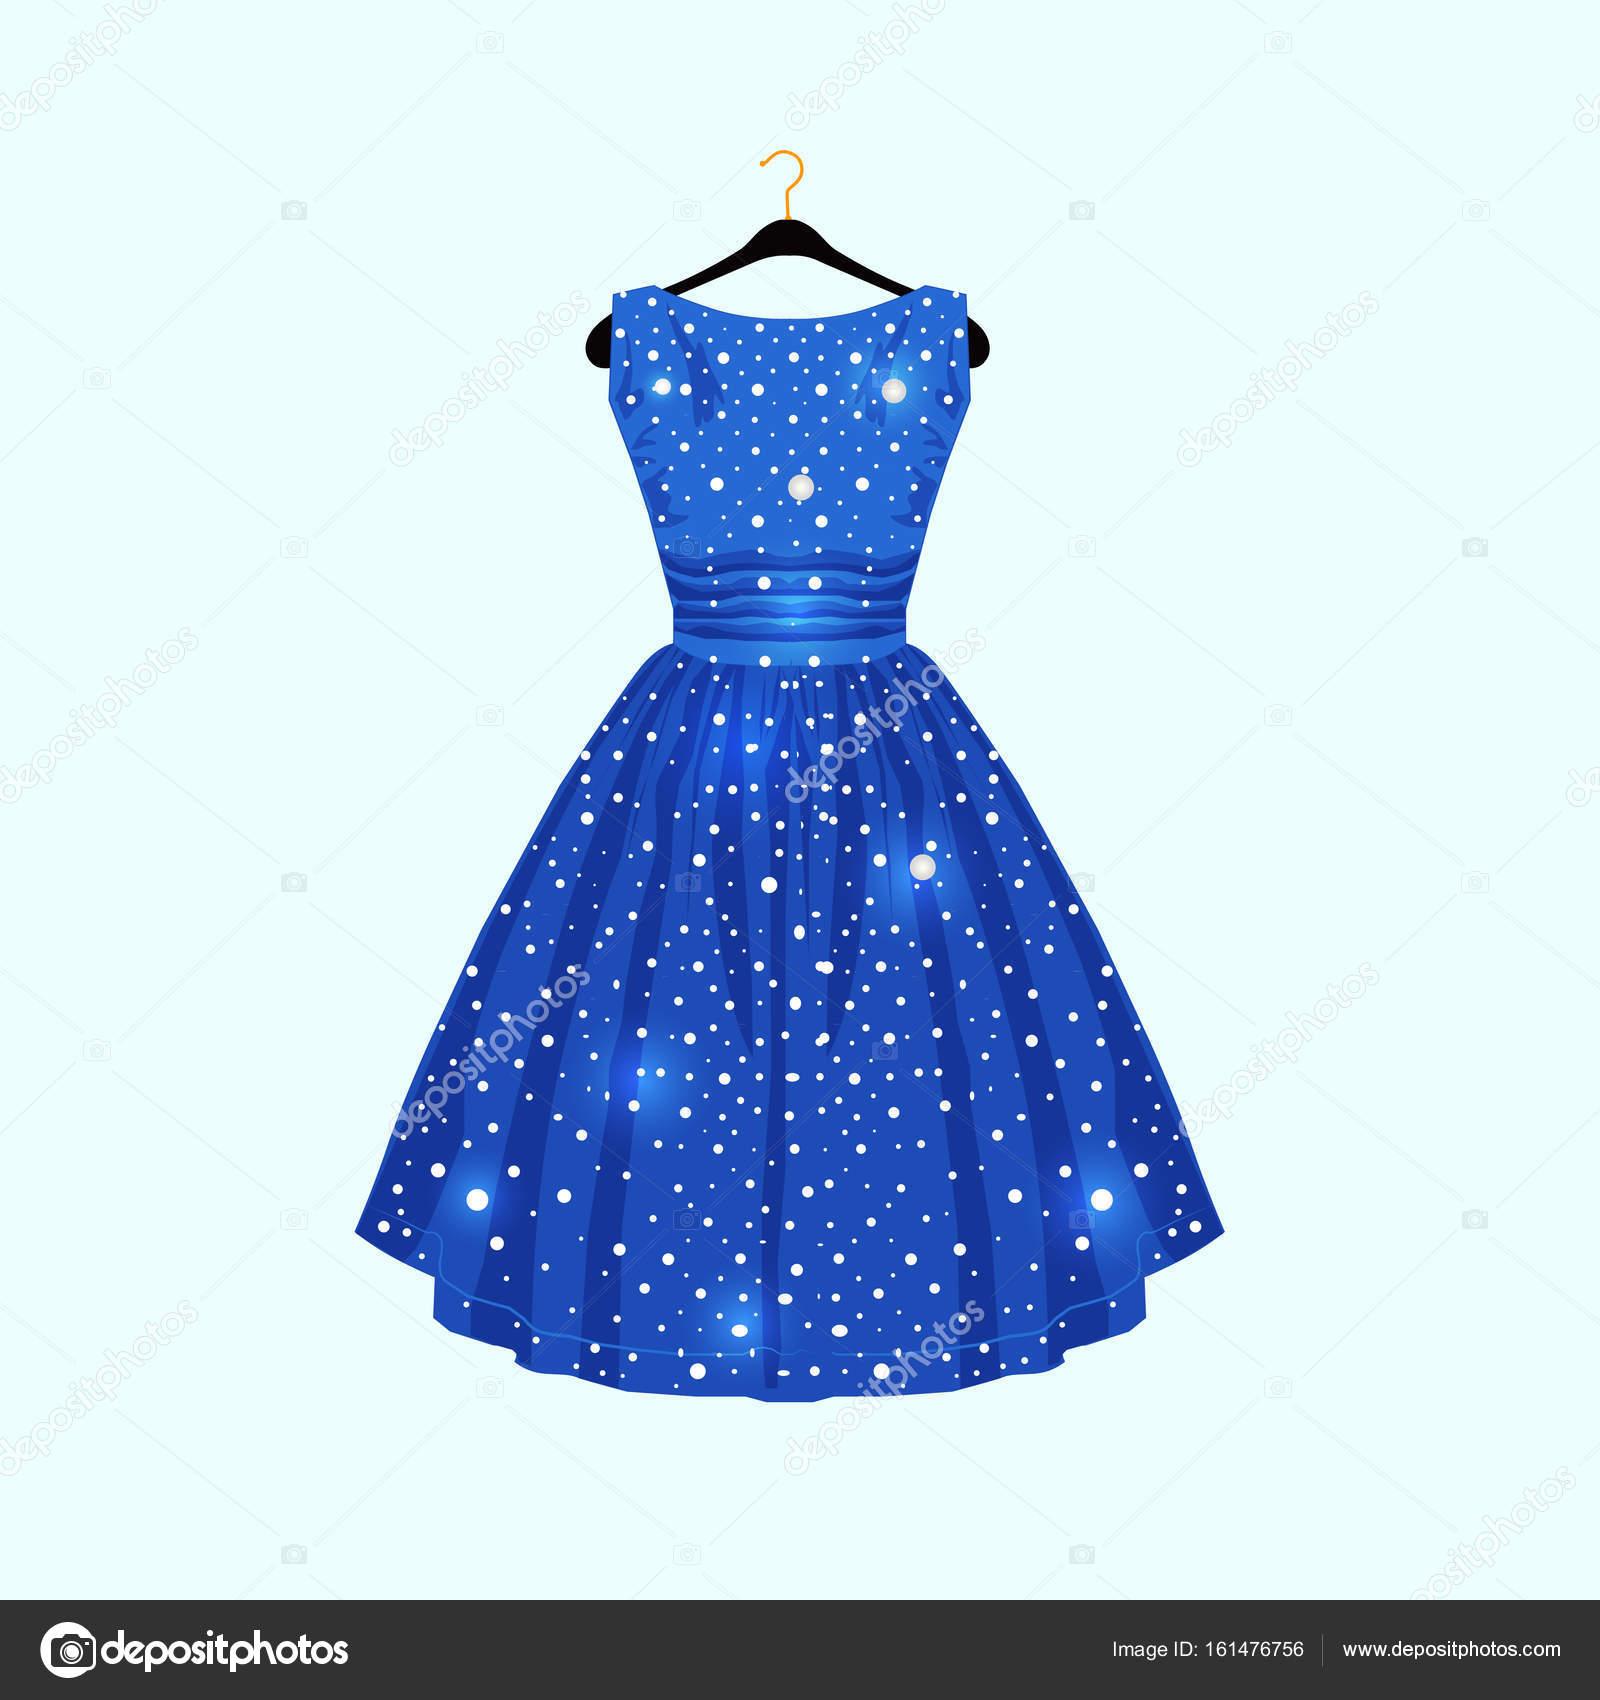 Blaues Kleid mit weißen Punkten. Vektor-Mode-illustration ...